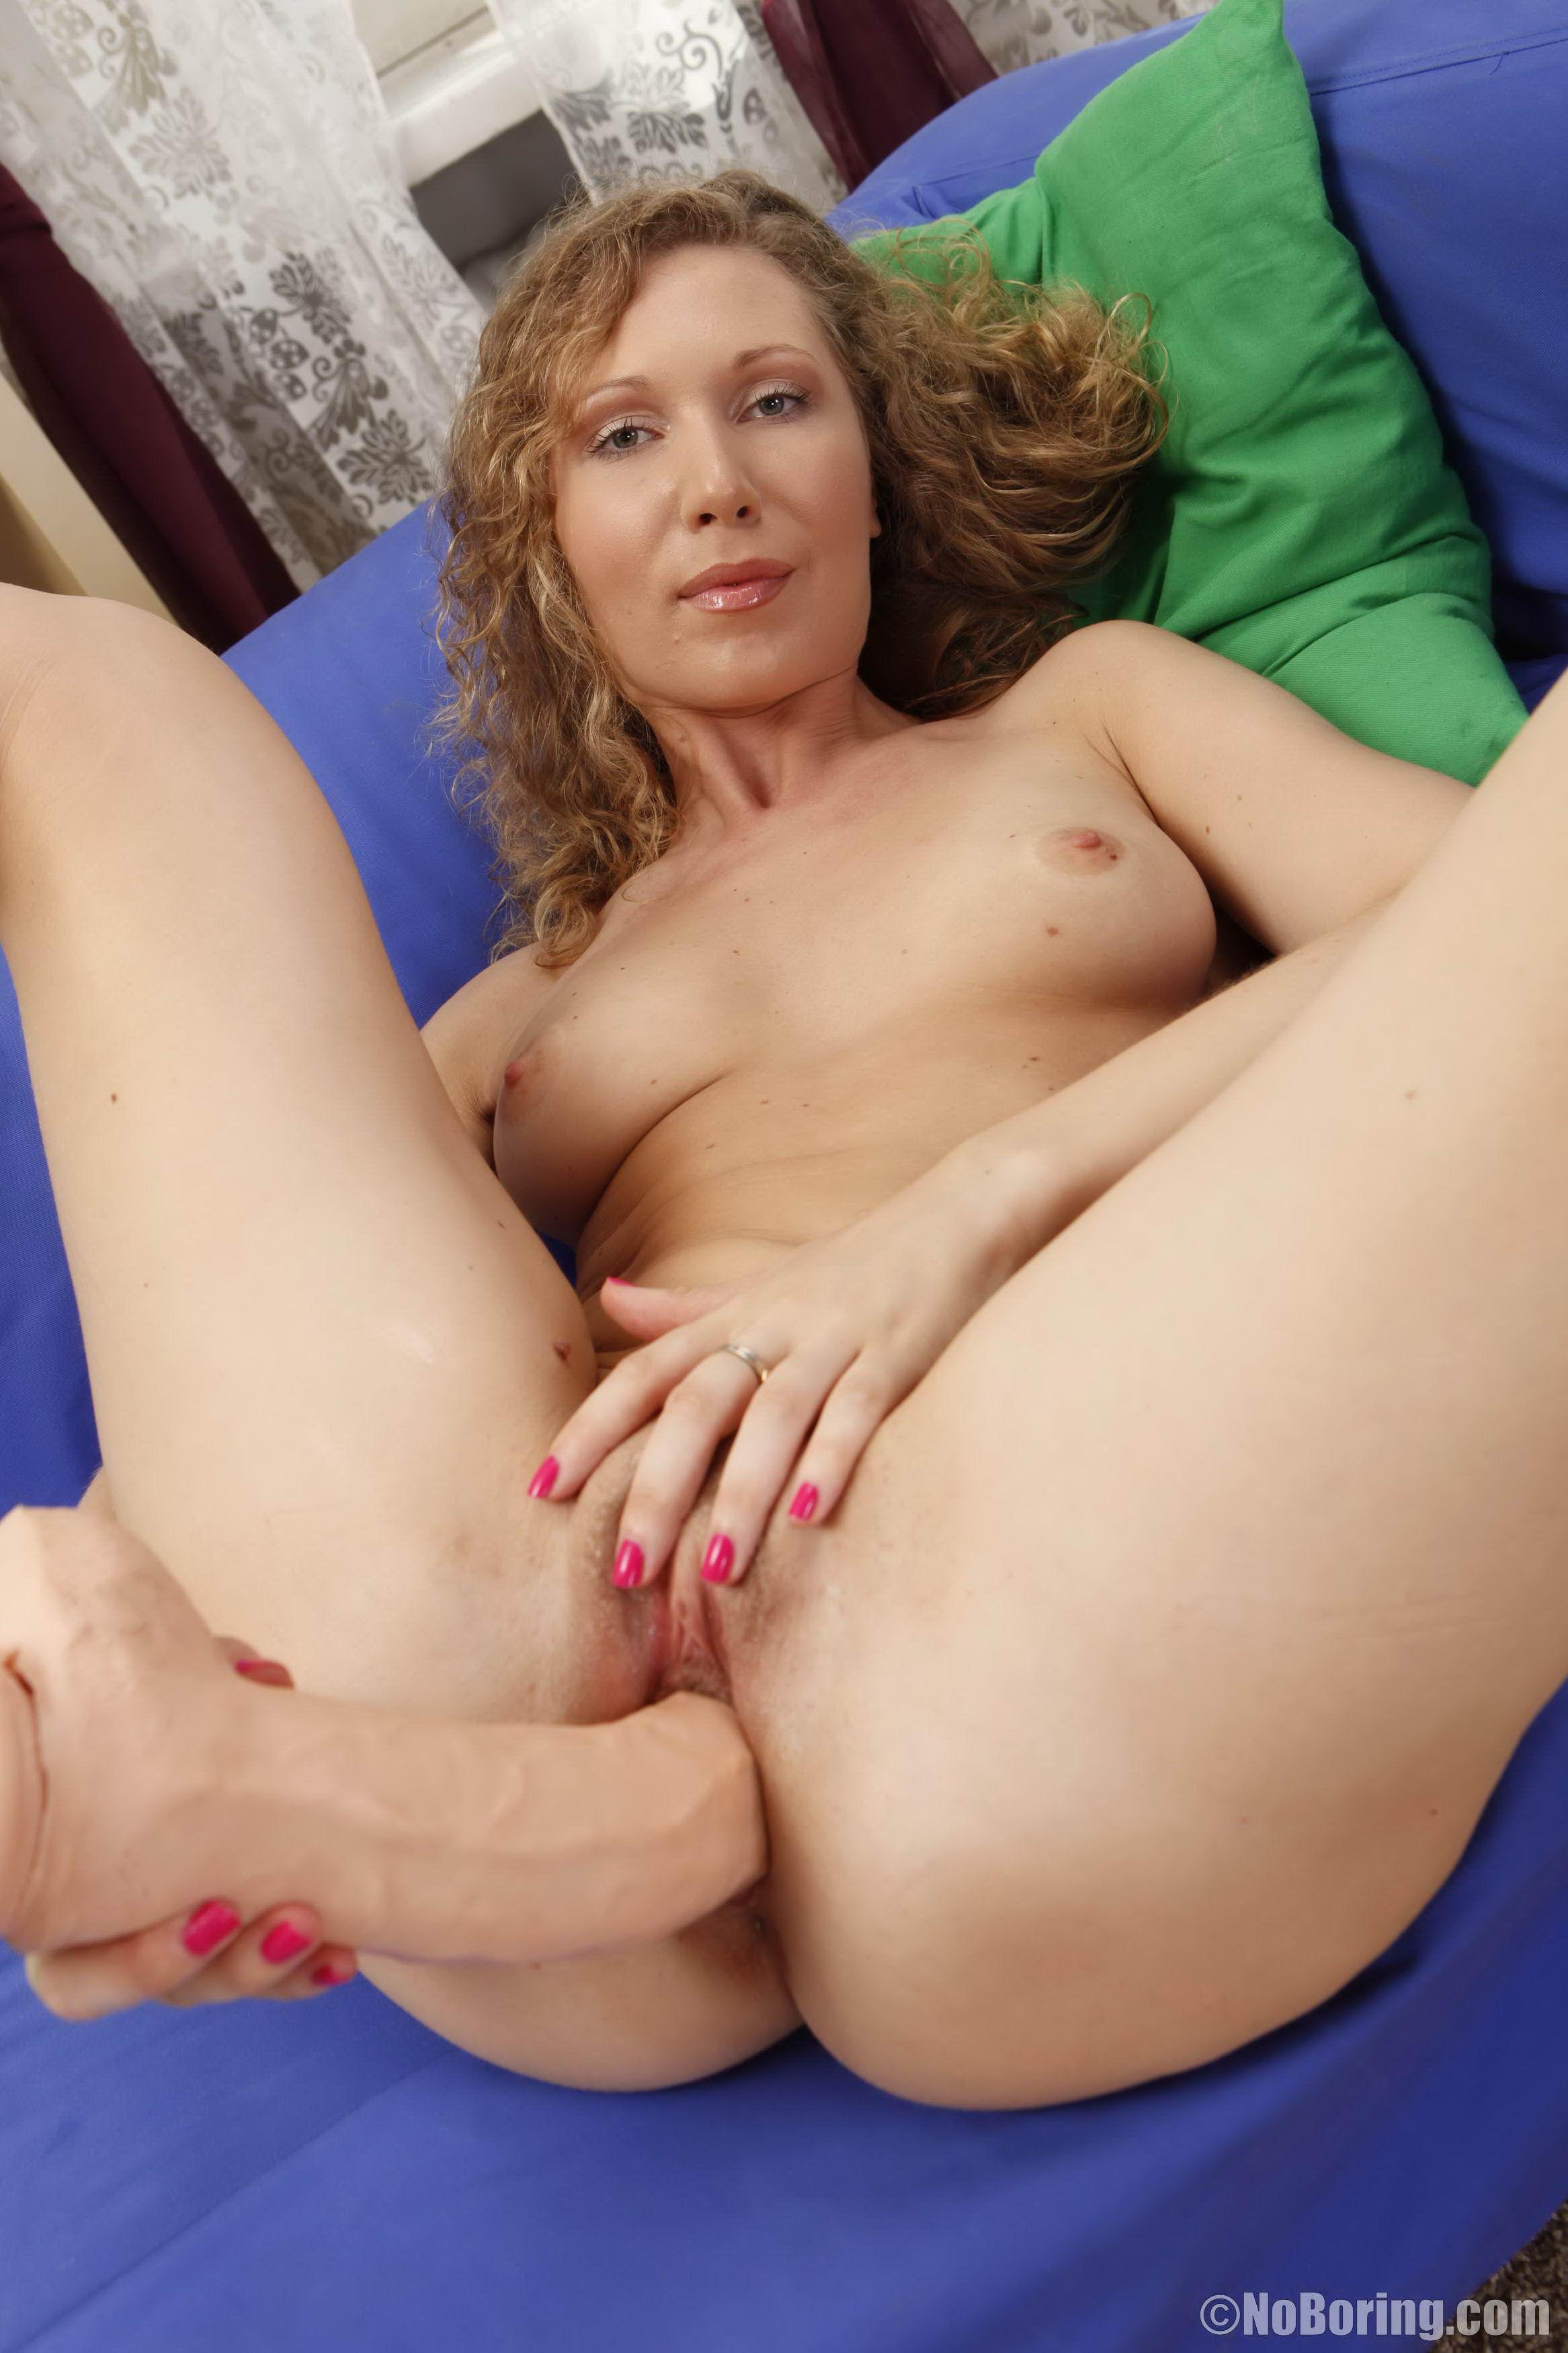 Natalia phillips brooke lee playmates